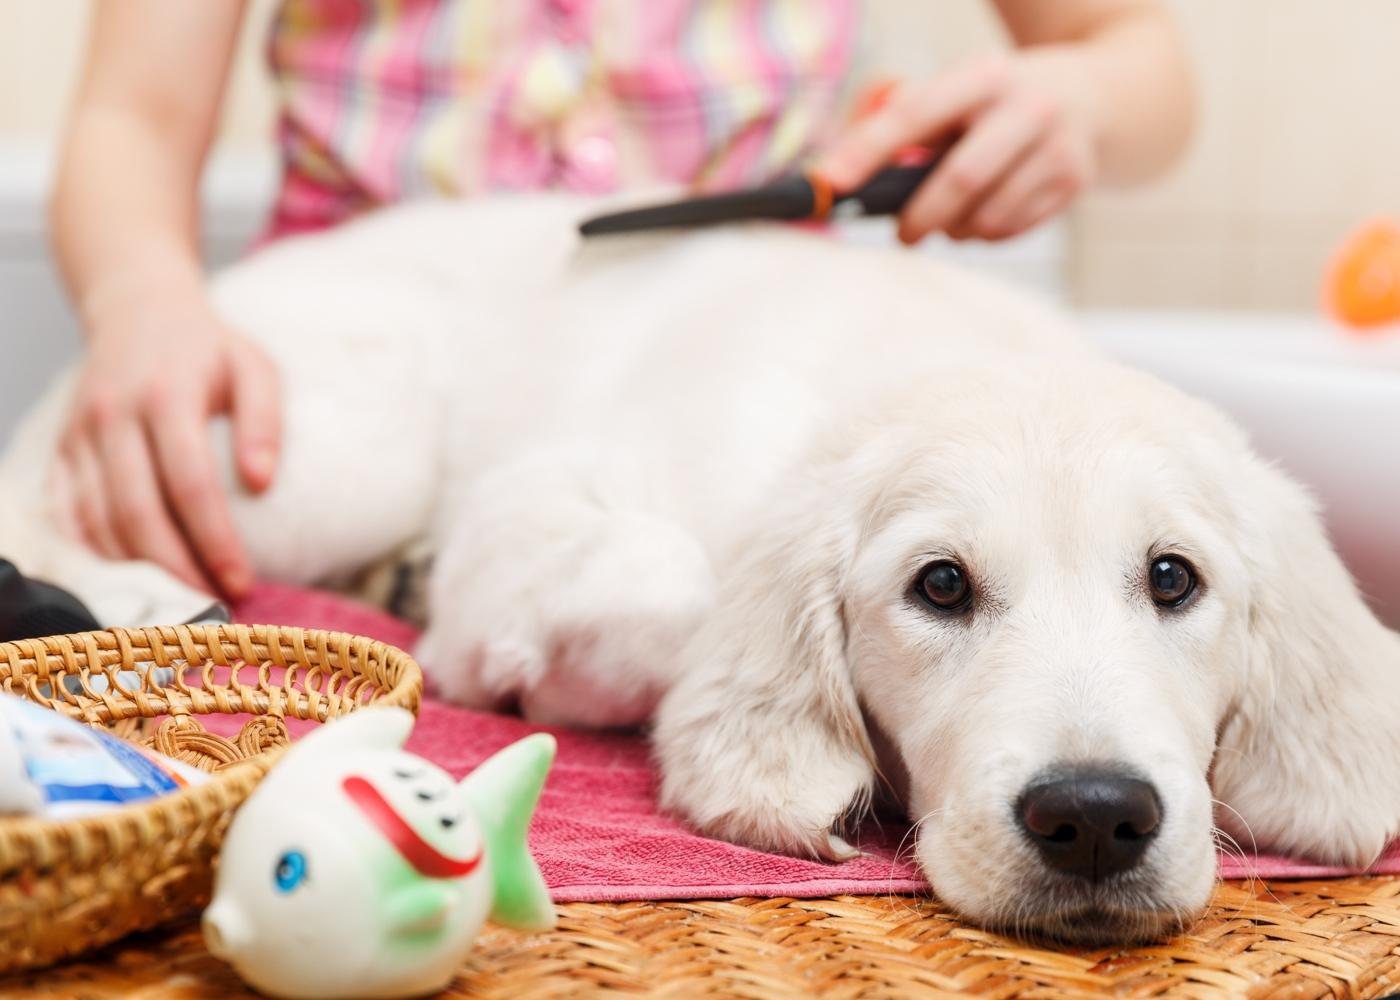 Primeiro banho ao cão: tutora a escovar cão